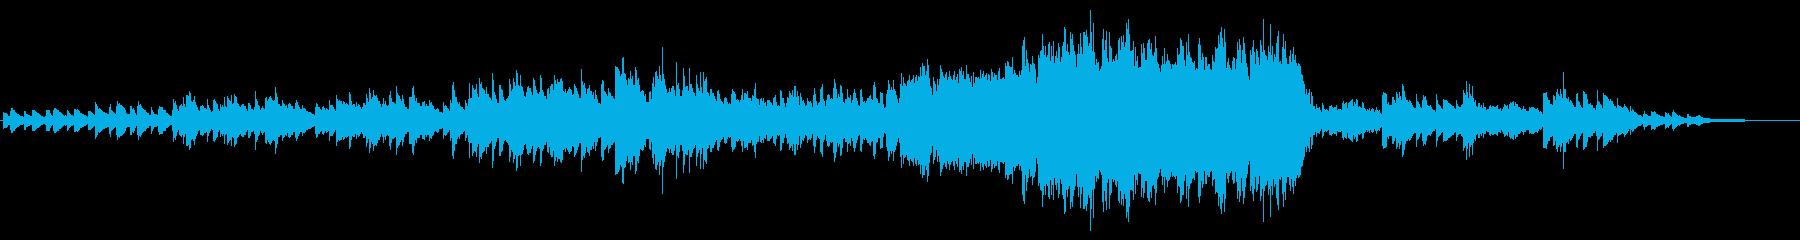 CM,広告,感動系ピアノオーケストラの再生済みの波形